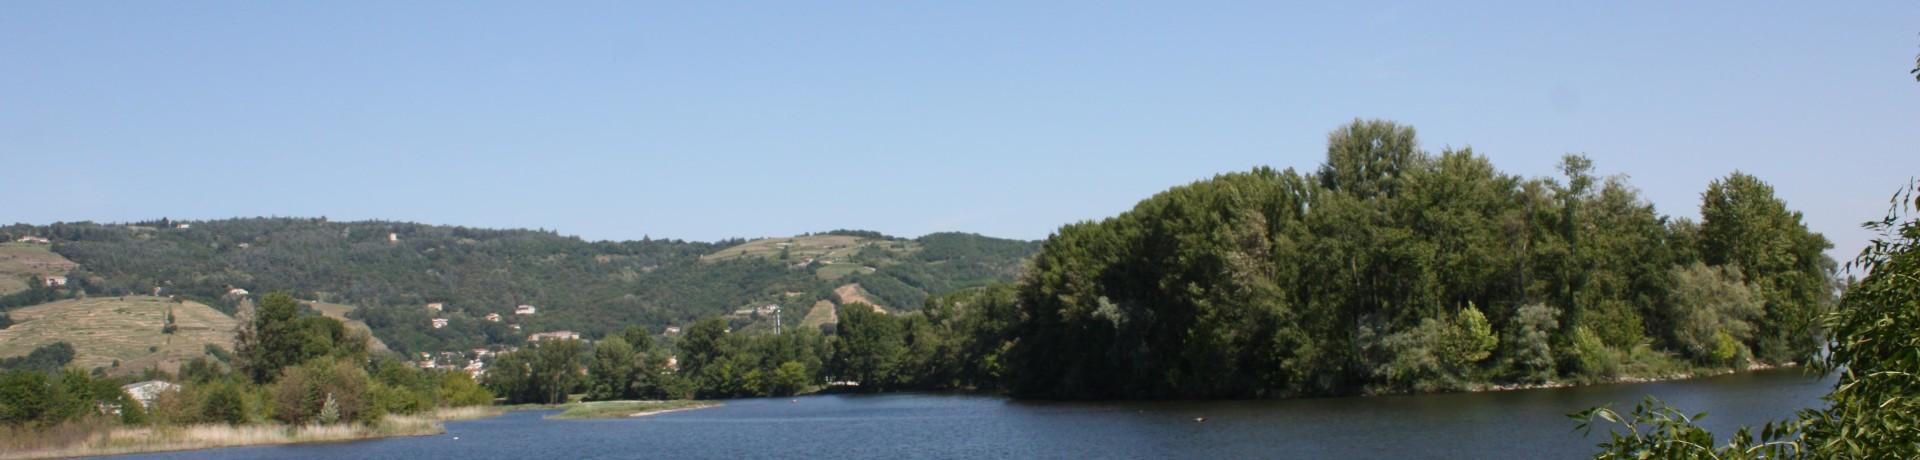 Camping De Tournon HPA in Tournon-sur-Rhône is een natuurcamping in de Ardèche gelegen aan een rivier.